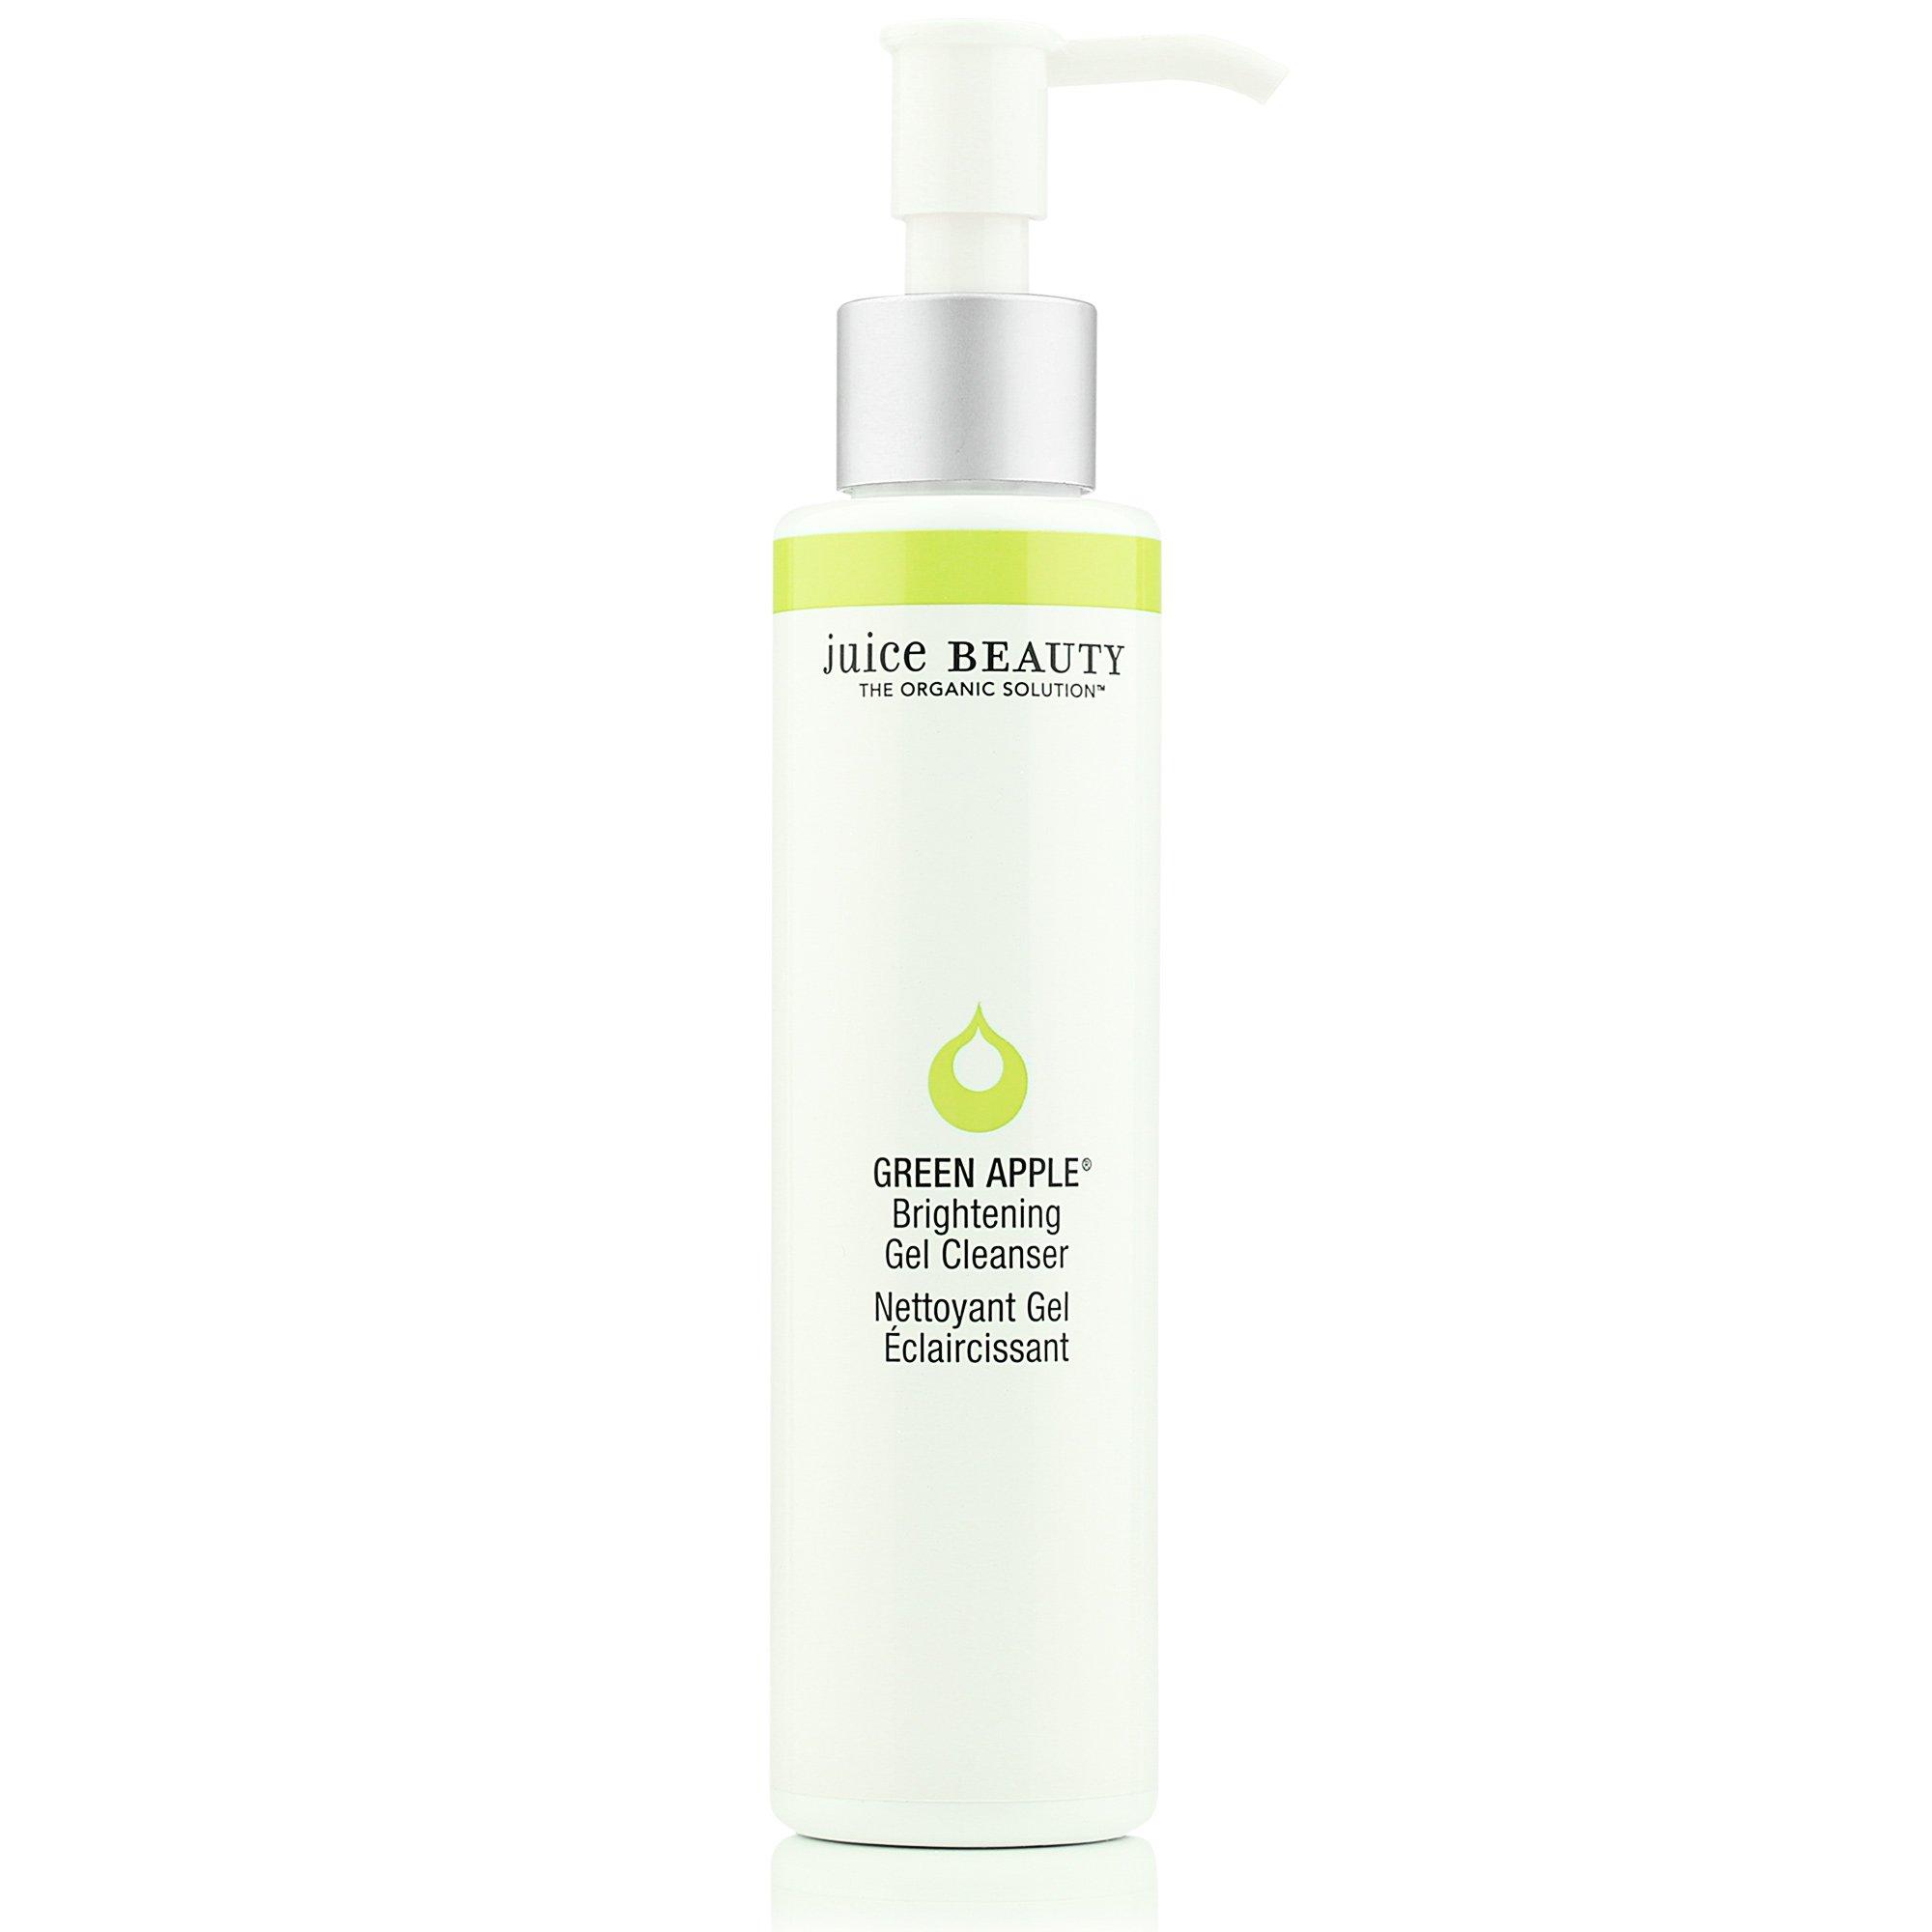 Juice Beauty Green Apple Brightening Gel Cleanser, 4 fl. oz.